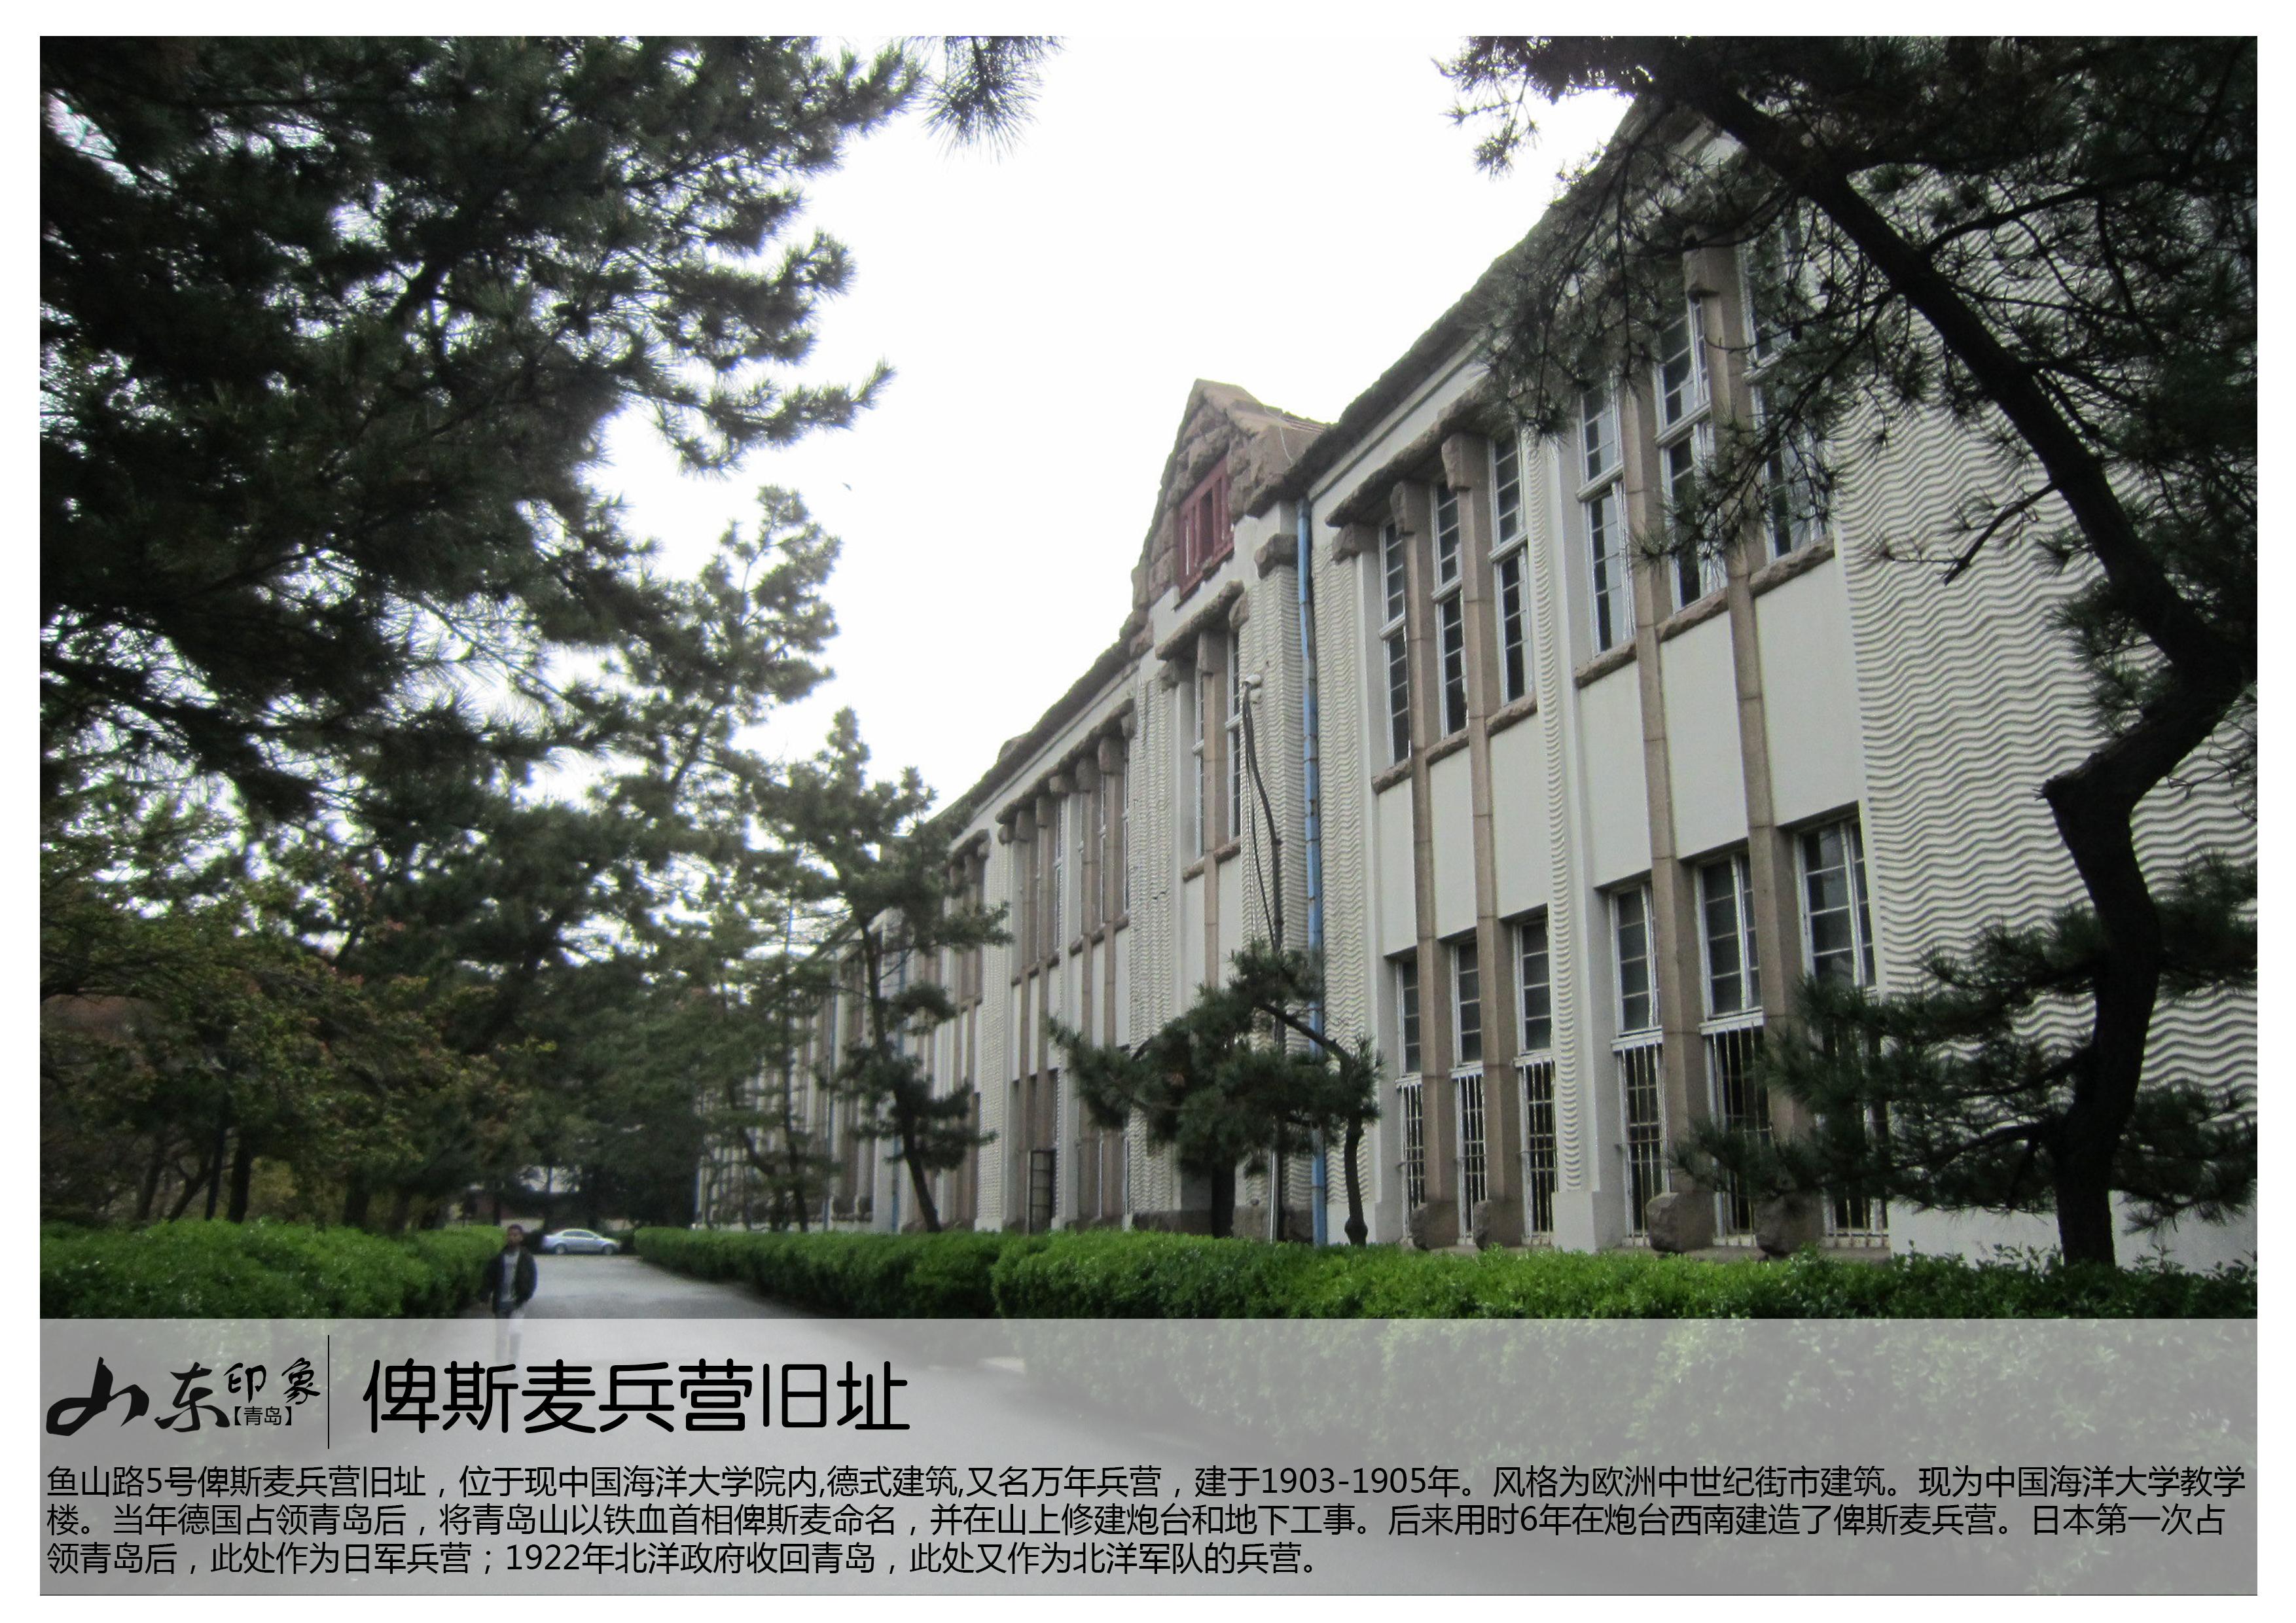 风格为欧洲中世纪街市建筑.现为中国海洋大学教学楼.